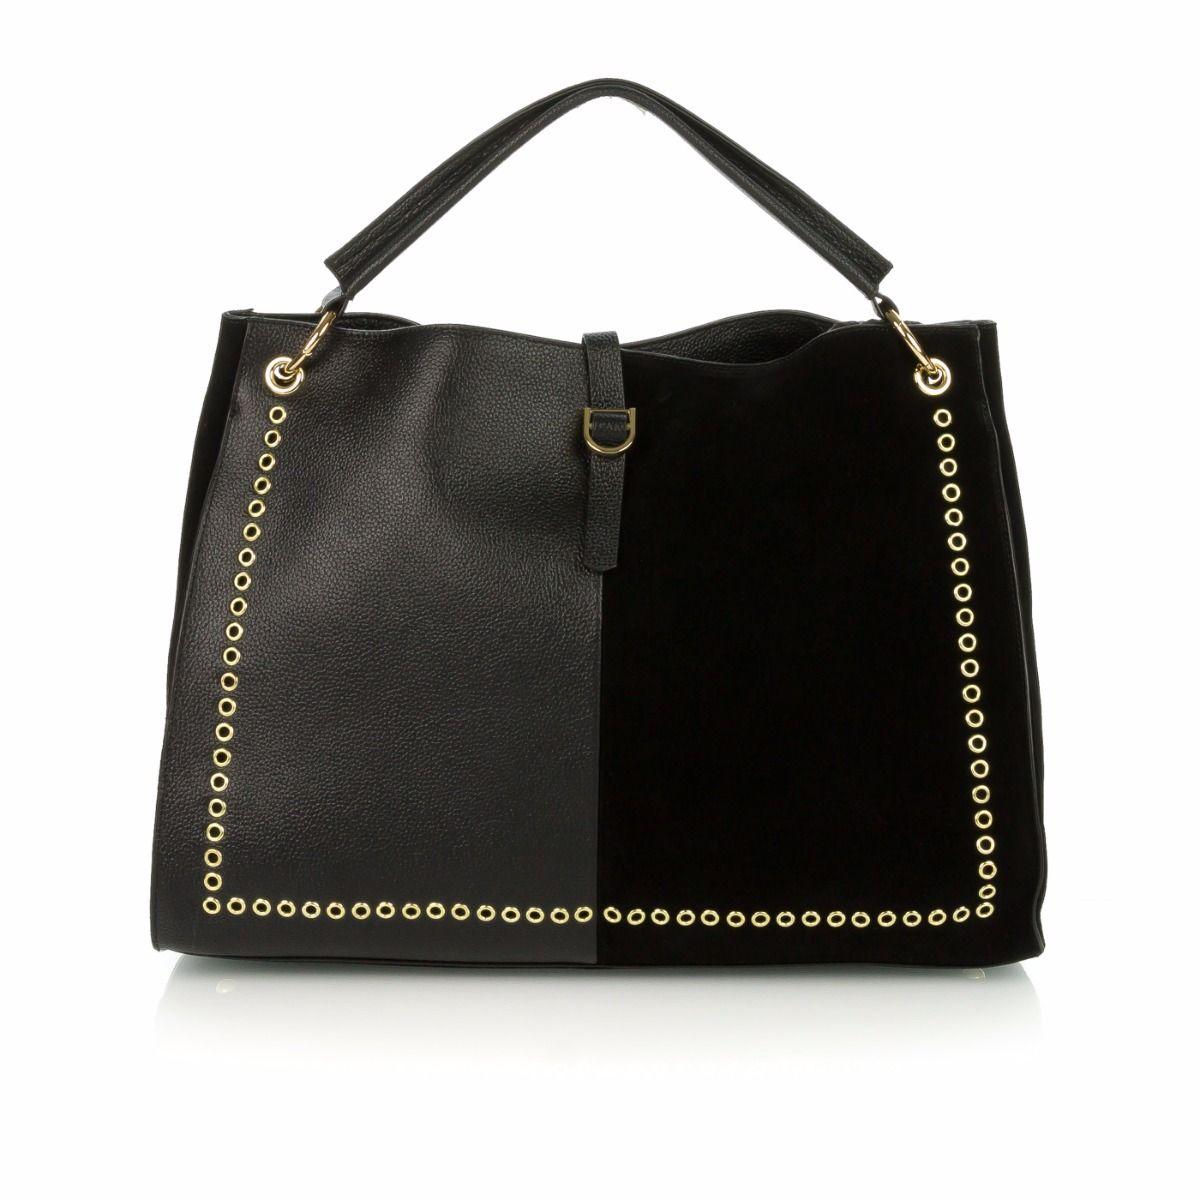 MIA BAG EYELET|shopping bag donna|17312|camoscio|pelle|nero